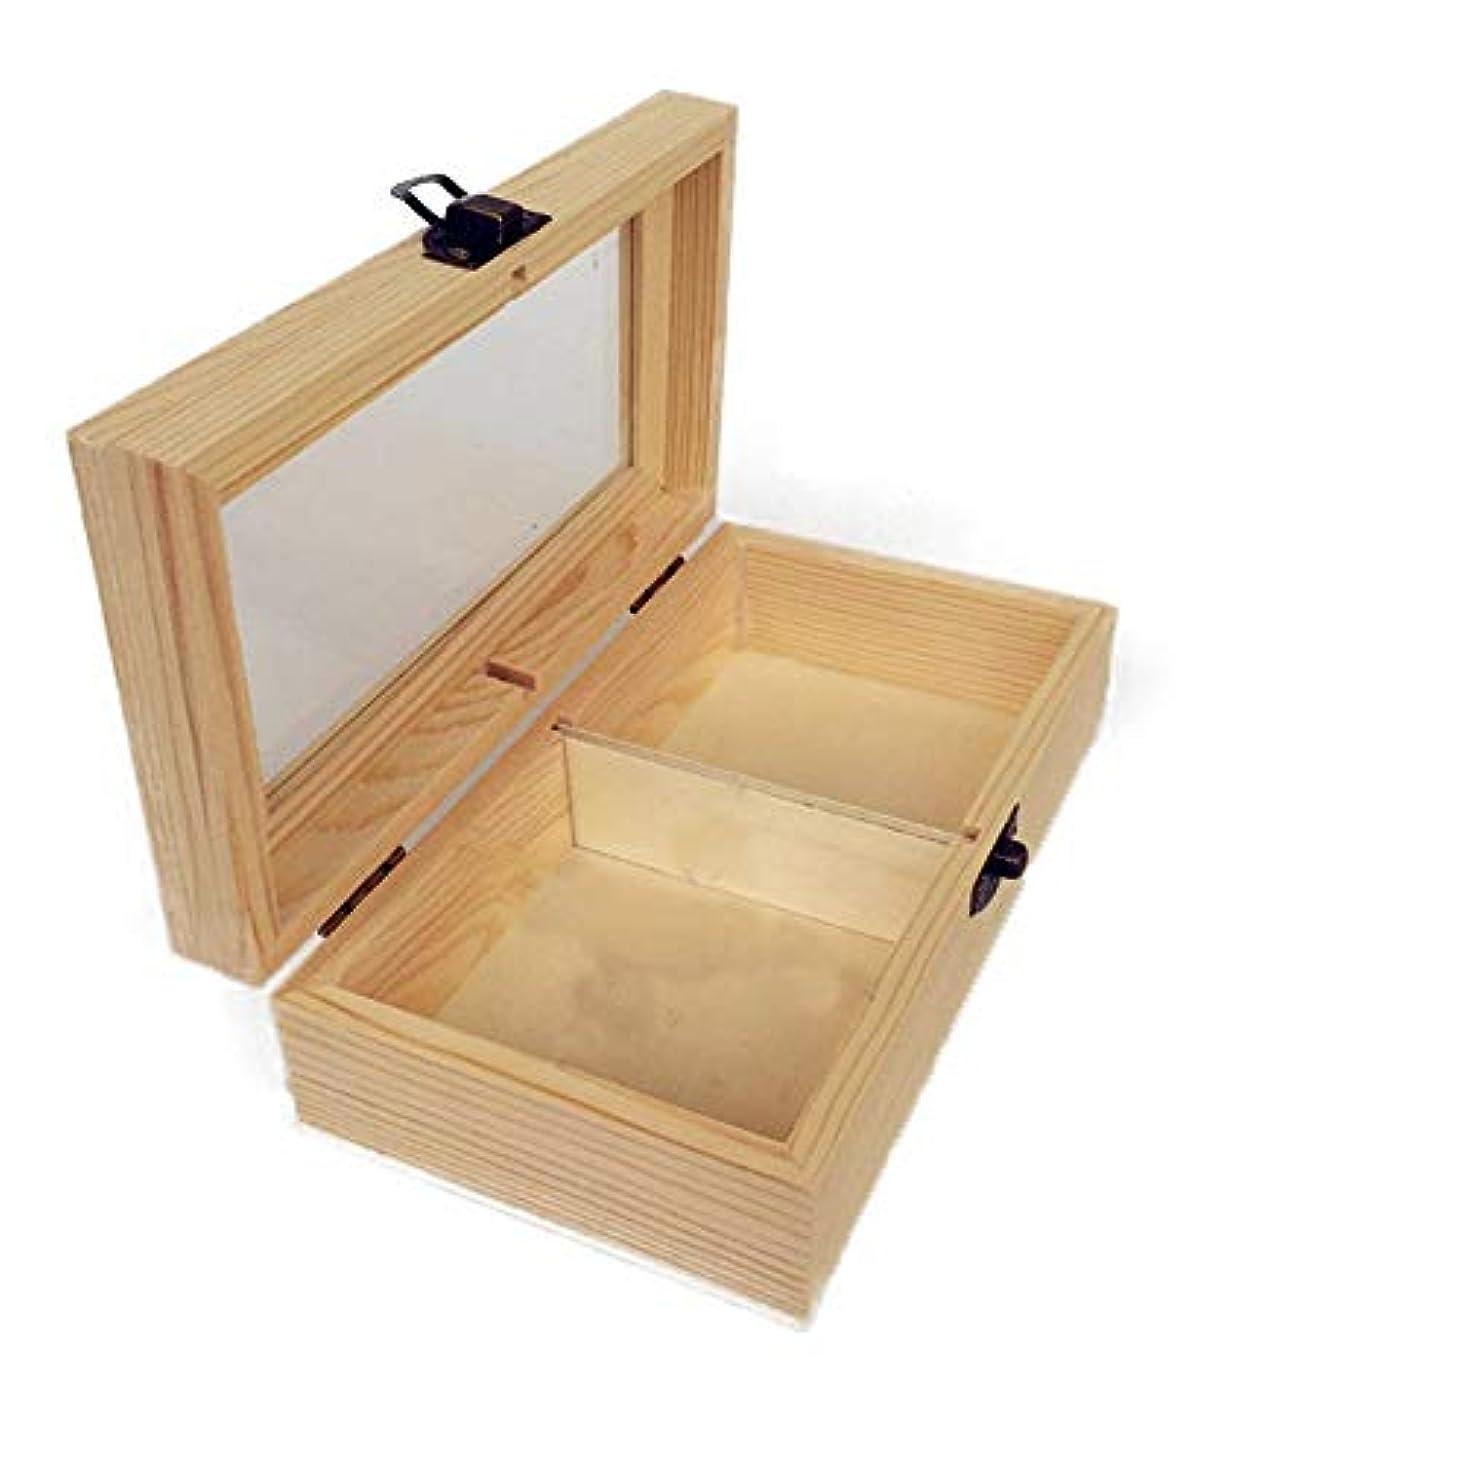 動詞専門化する受動的精油ケース プレゼンテーションのために手作りの木製ギフトボックスパーフェクトエッセンシャルオイルケースにエッセンシャルオイルは、被害太陽光からあなたの油を保護します 携帯便利 (色 : Natural, サイズ : 18X10X5.5CM)